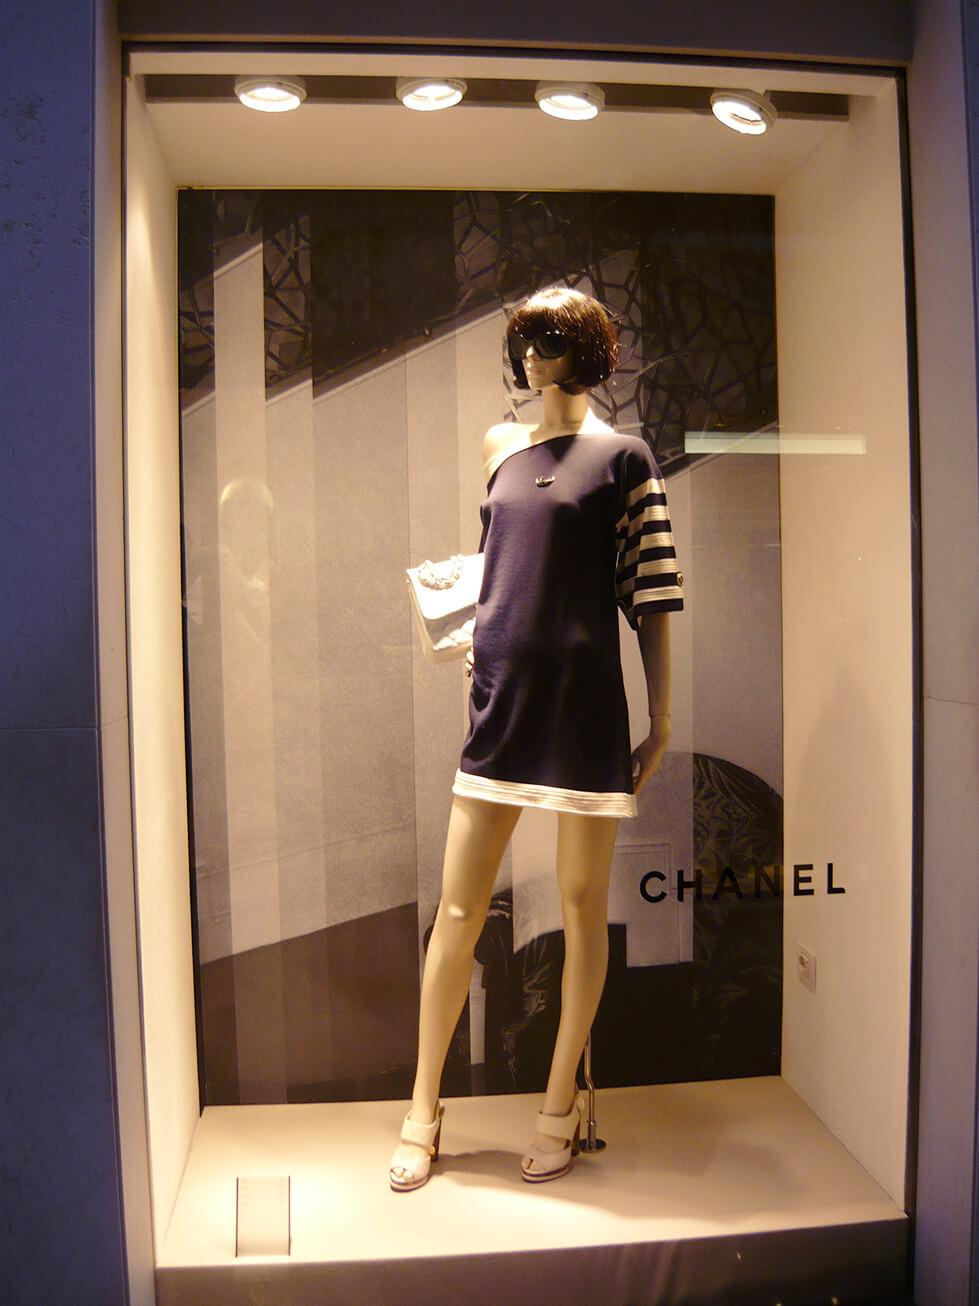 Vitrine de Primavera/Verão 2014 da Chanel em Veneza - Itália